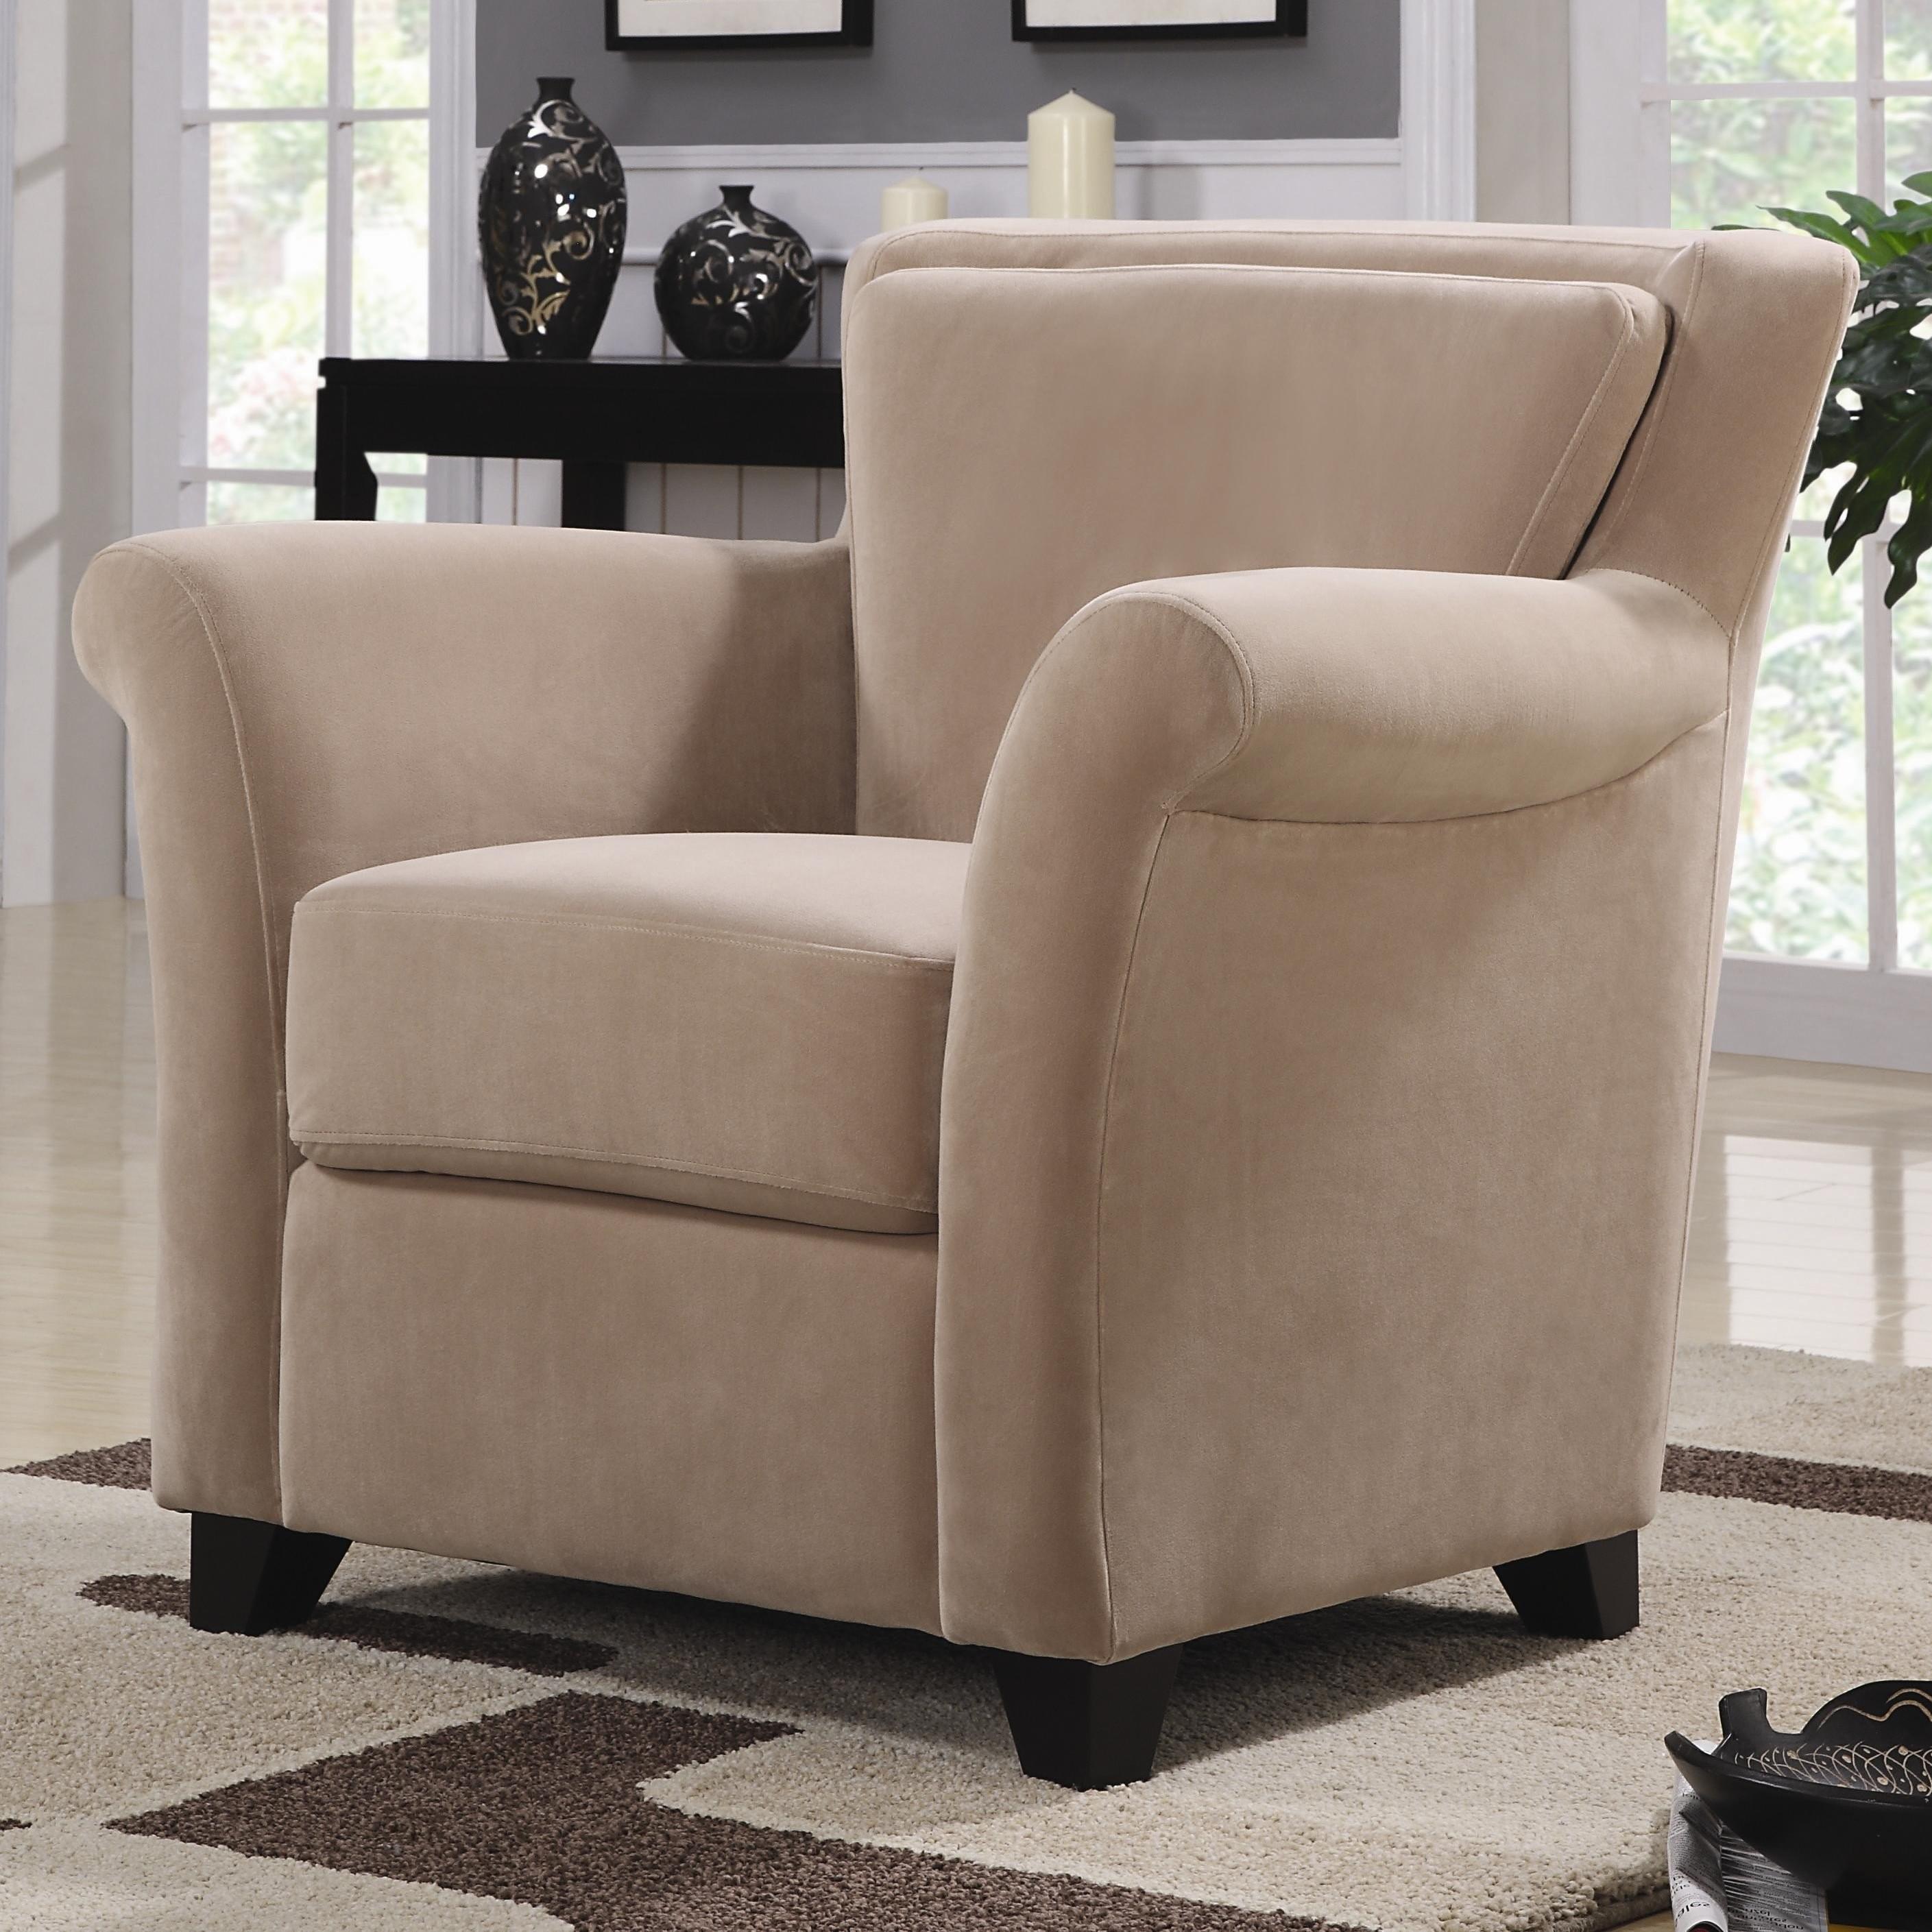 كراسي غرف نوم ـ كرسي منجد